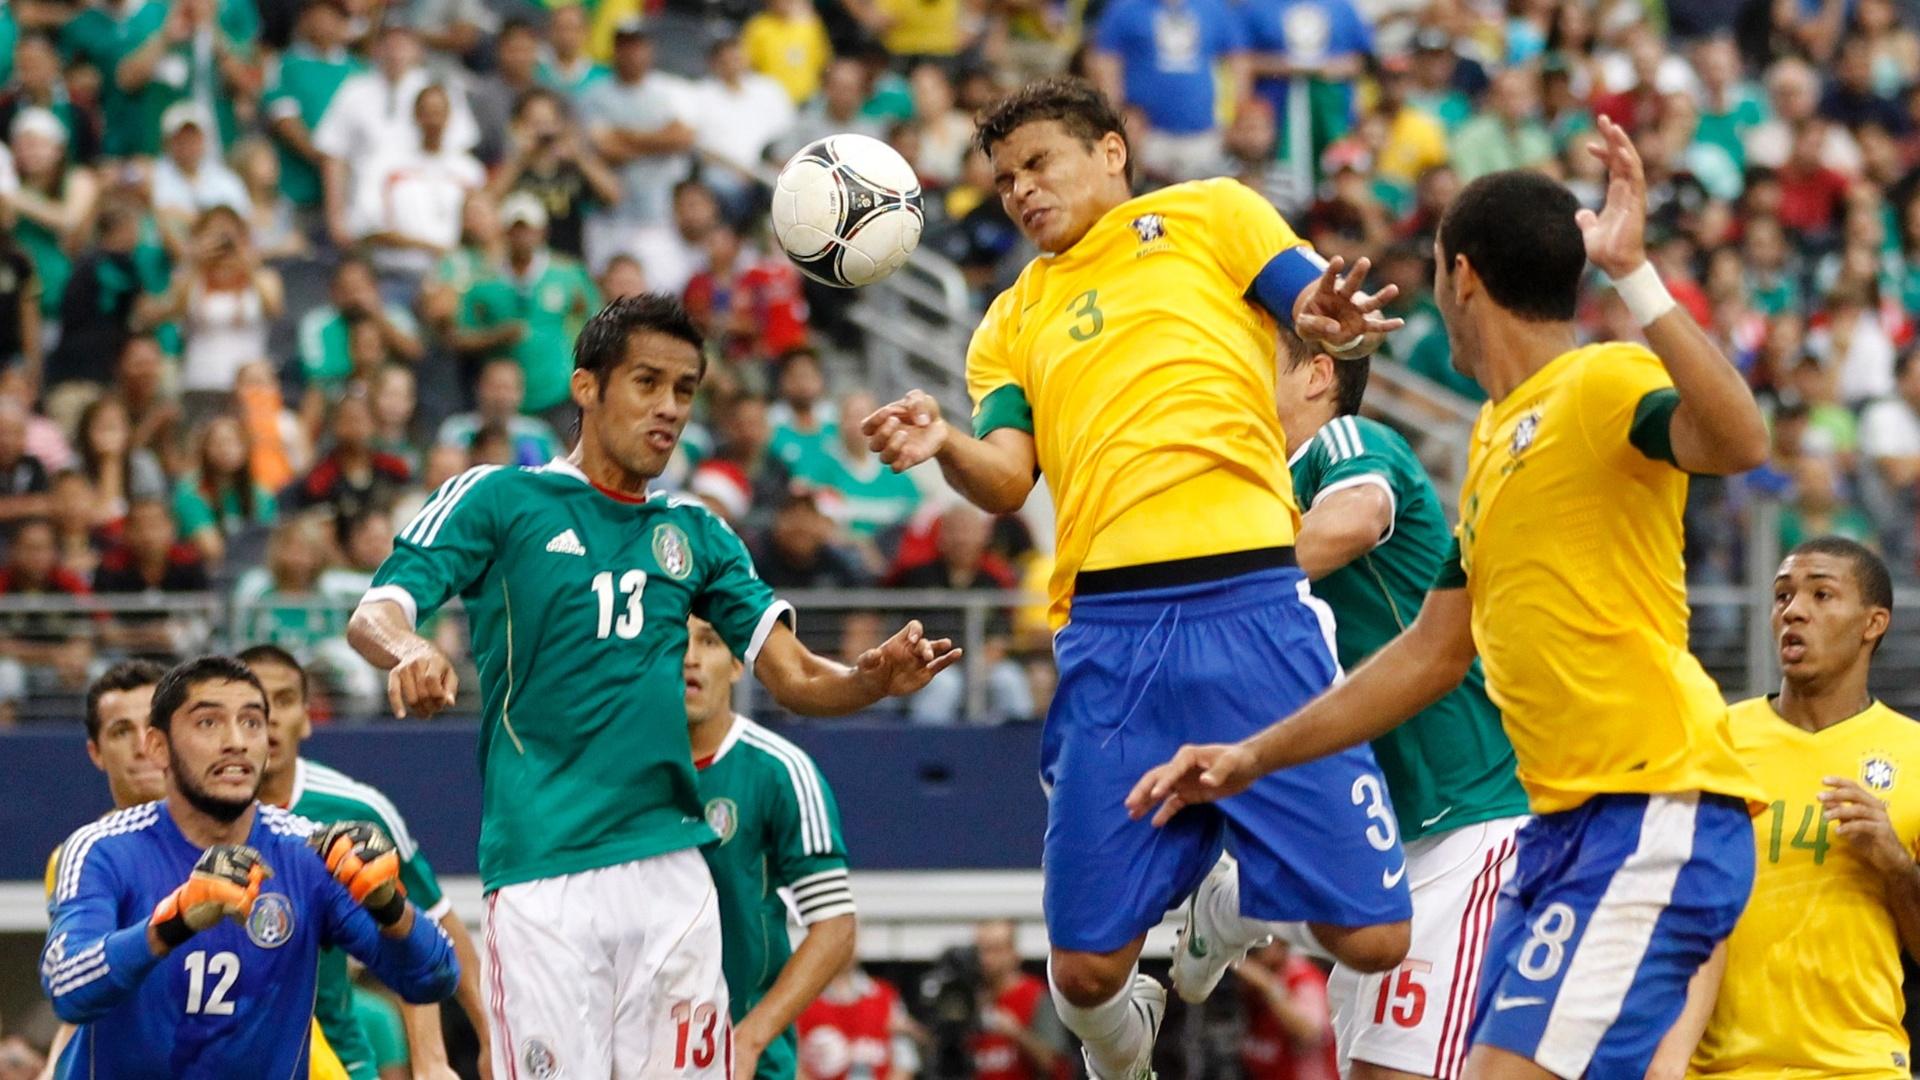 Thiago Silva sobe e tenta a cabeçada durante jogo da seleção brasileira